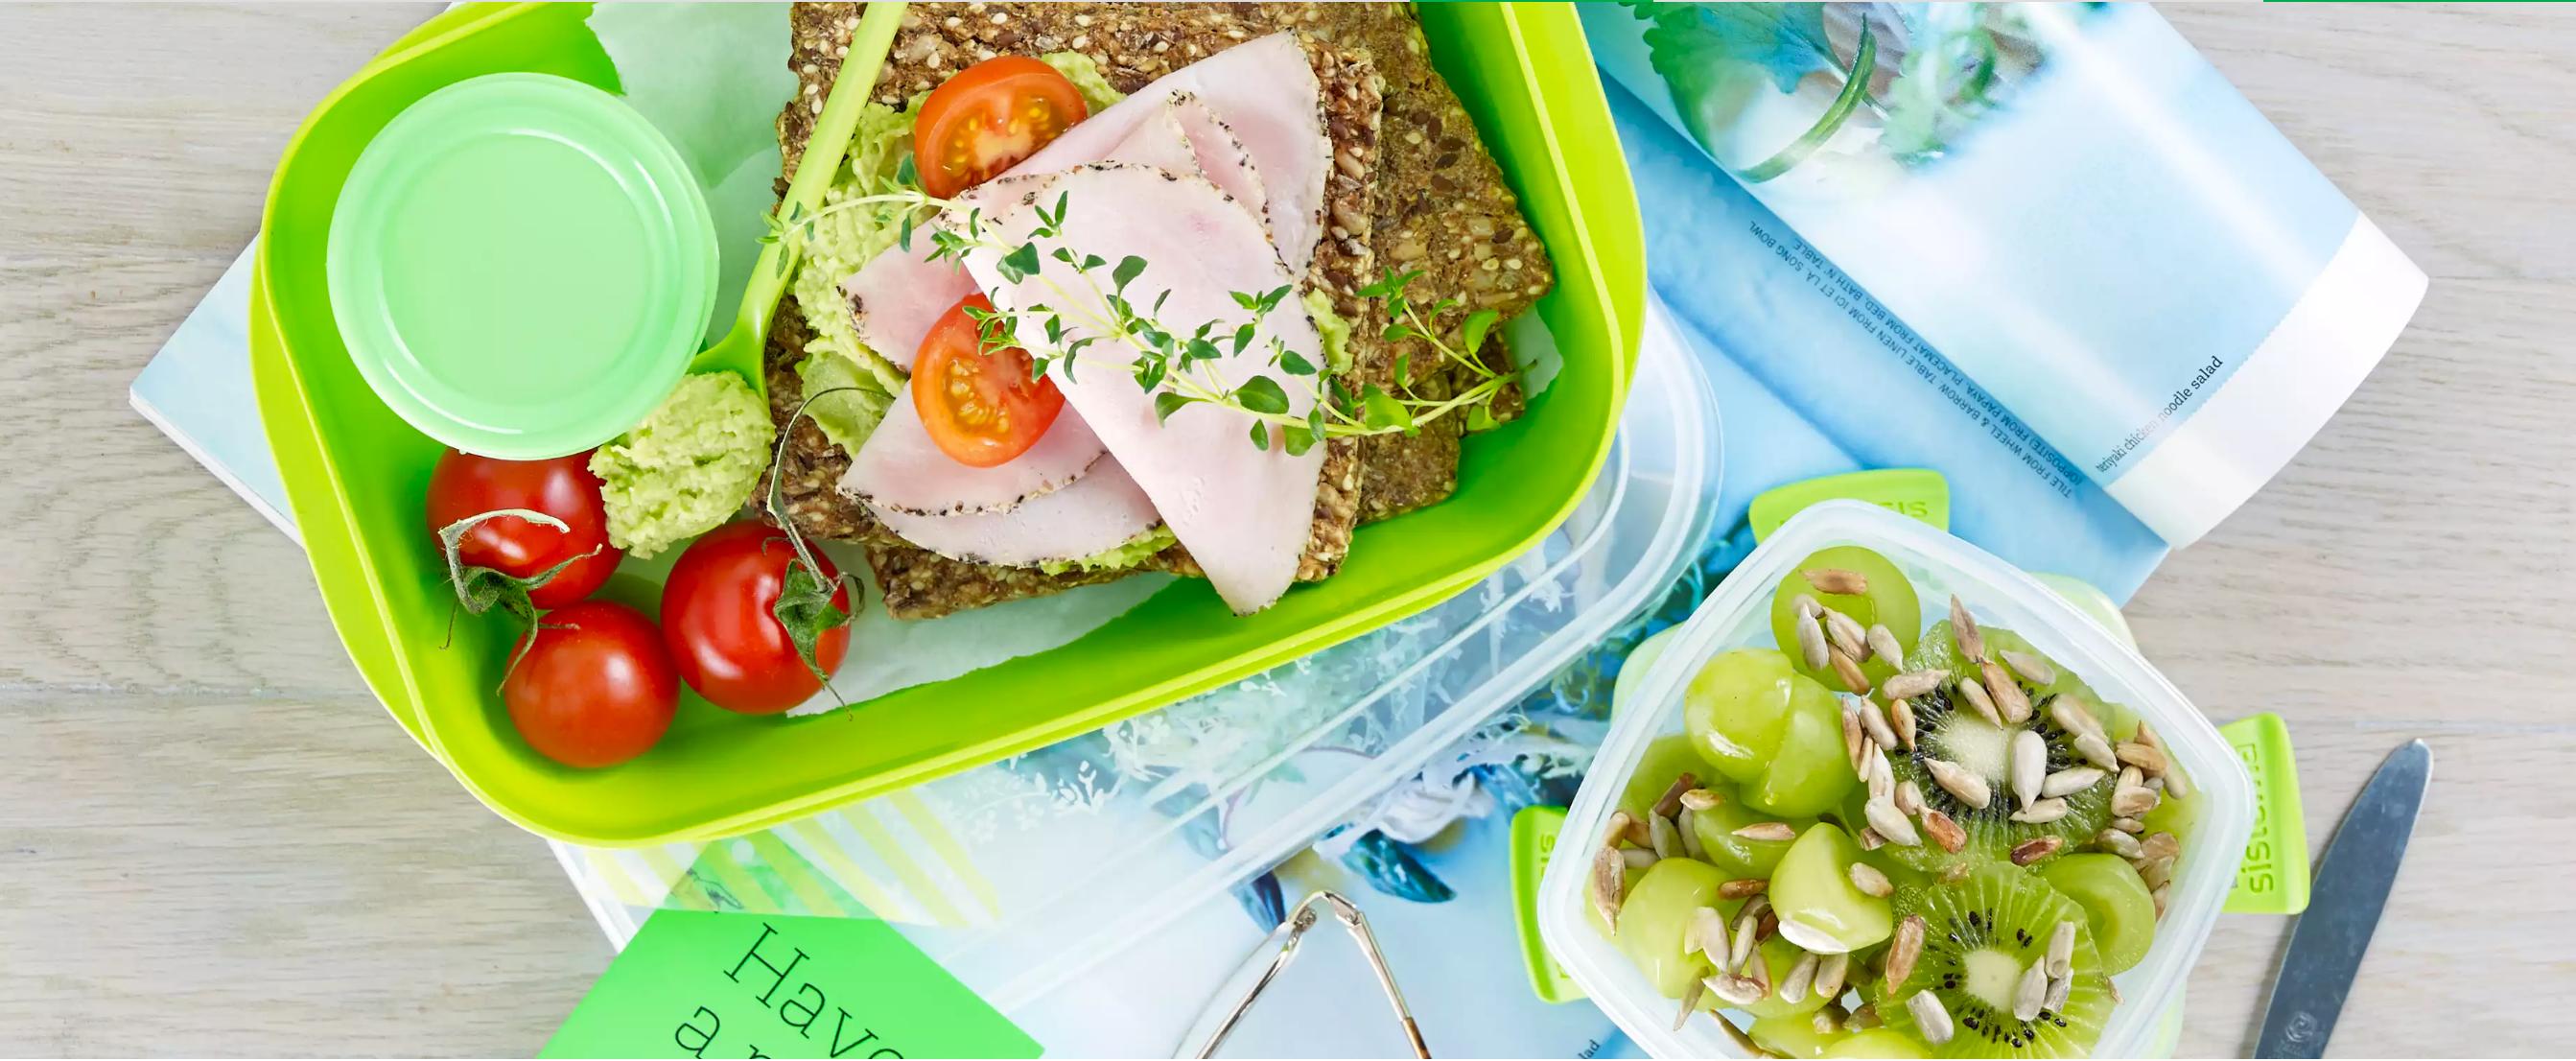 Del opp frukt og grønt i matpakken, så øker sjansen drastisk for at den blir spist.